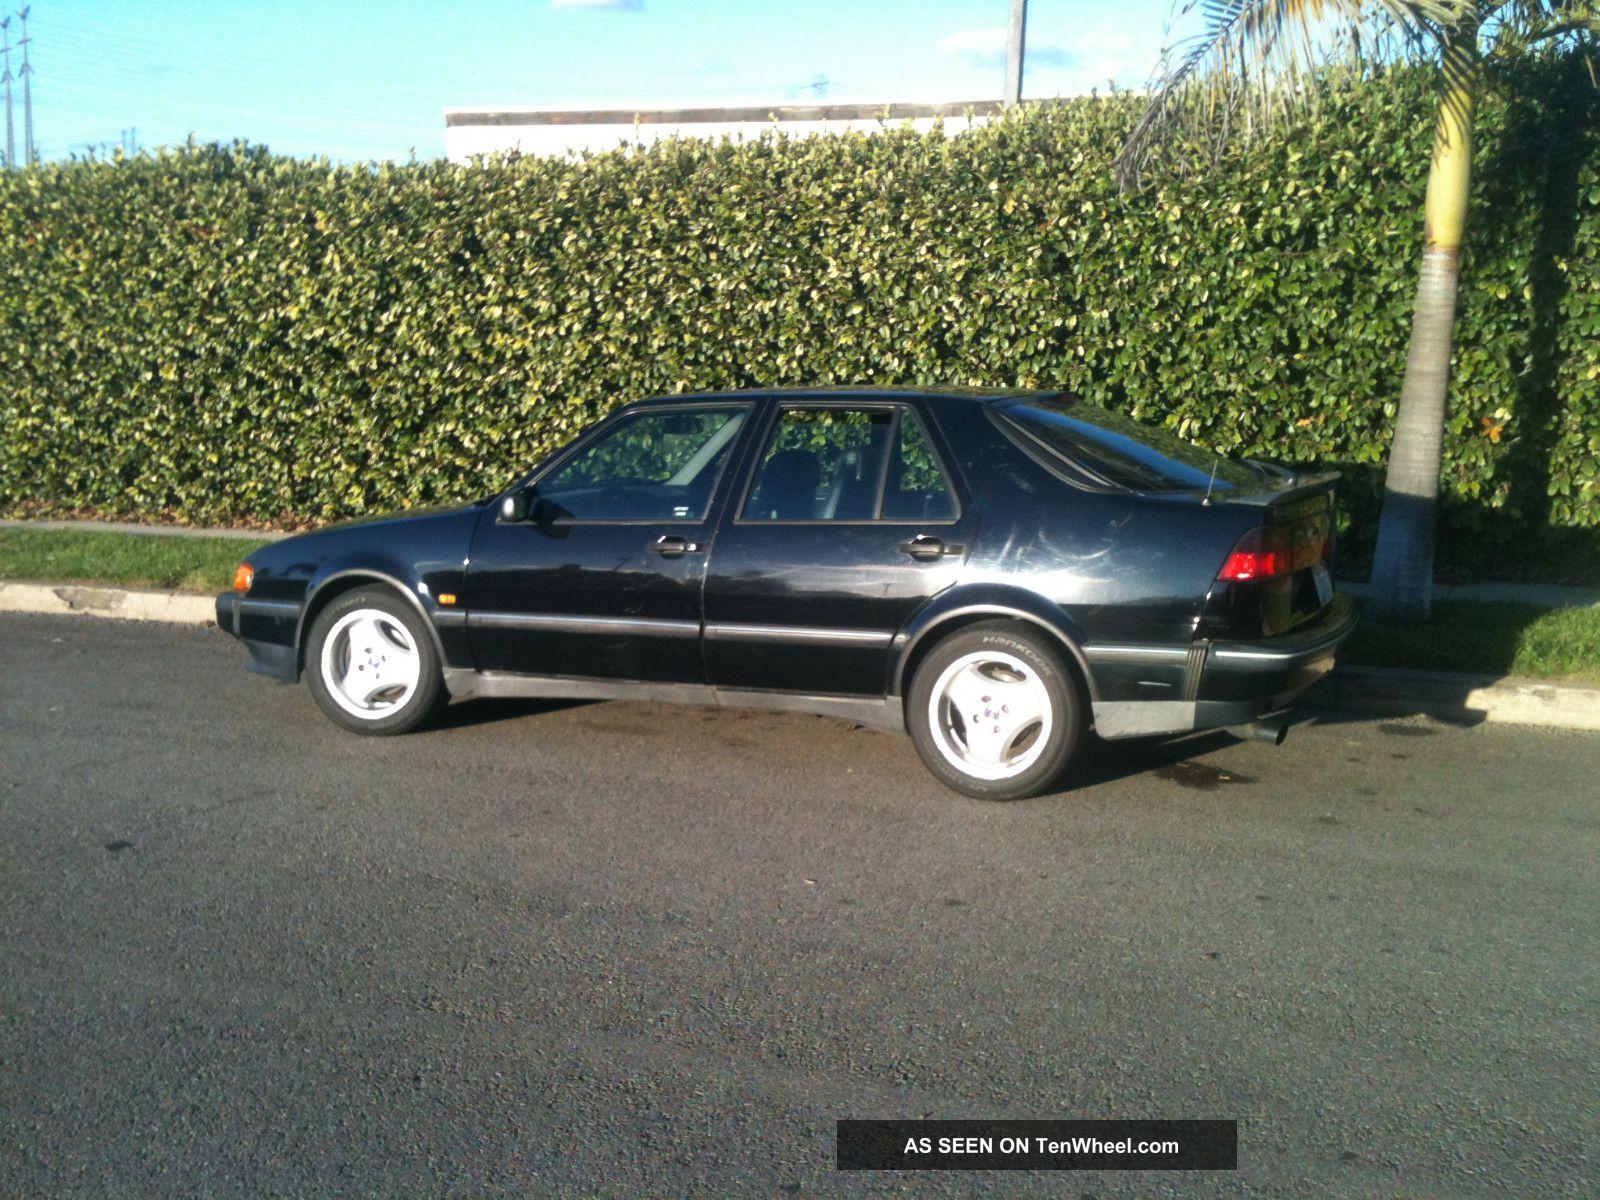 Saab Cse Turbo Hatchback Door L Lgw on 1998 Acura Integra 4 Door